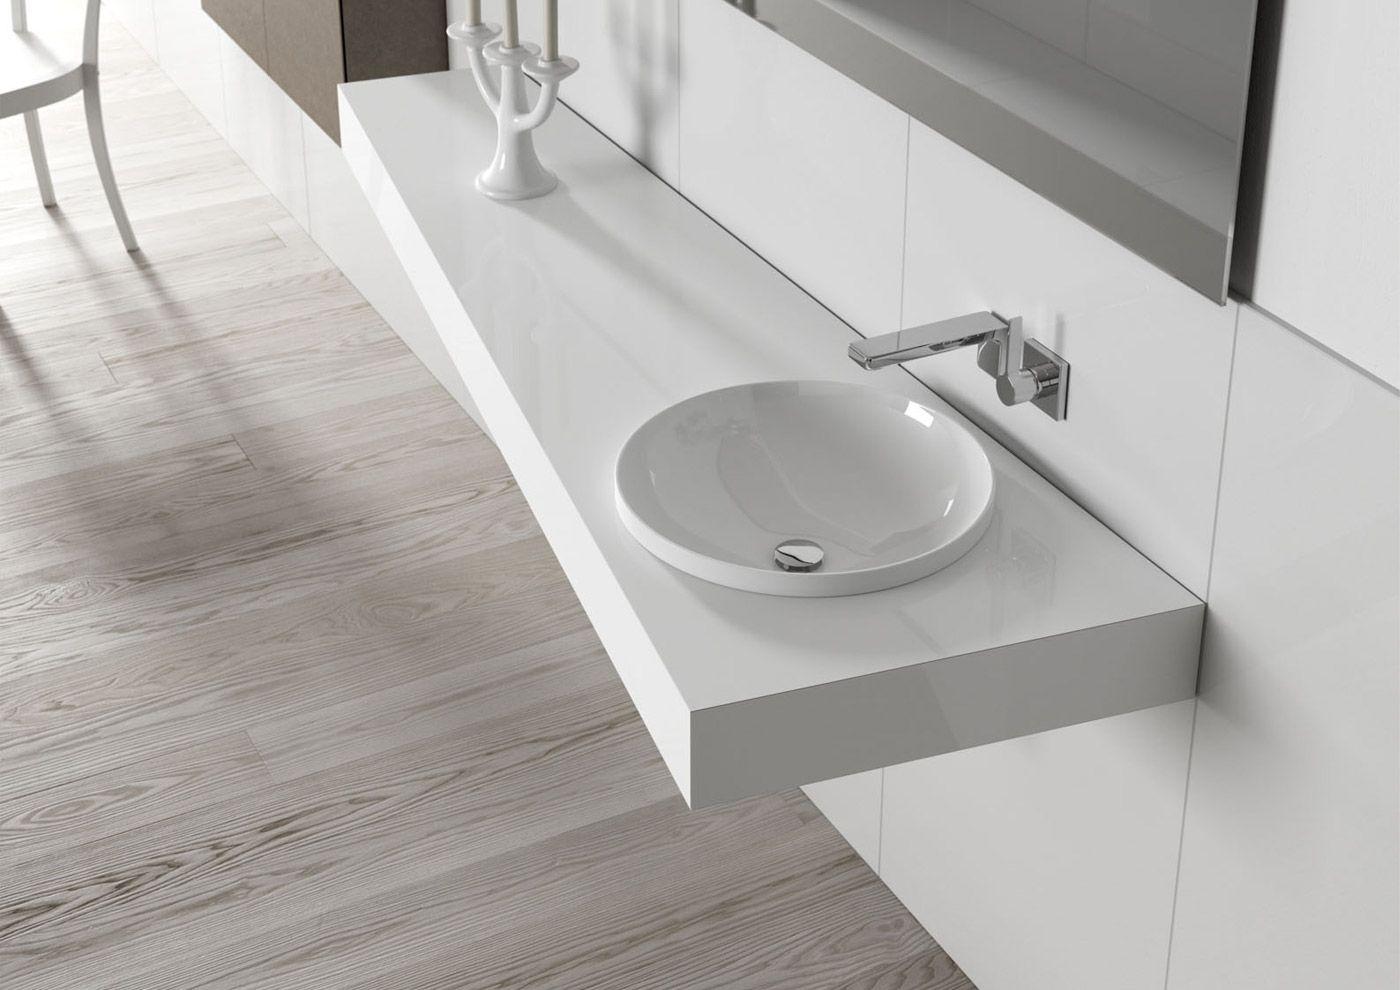 Artelinea S.p.A - Home Page - Bagno, Design, Arredobagno ...